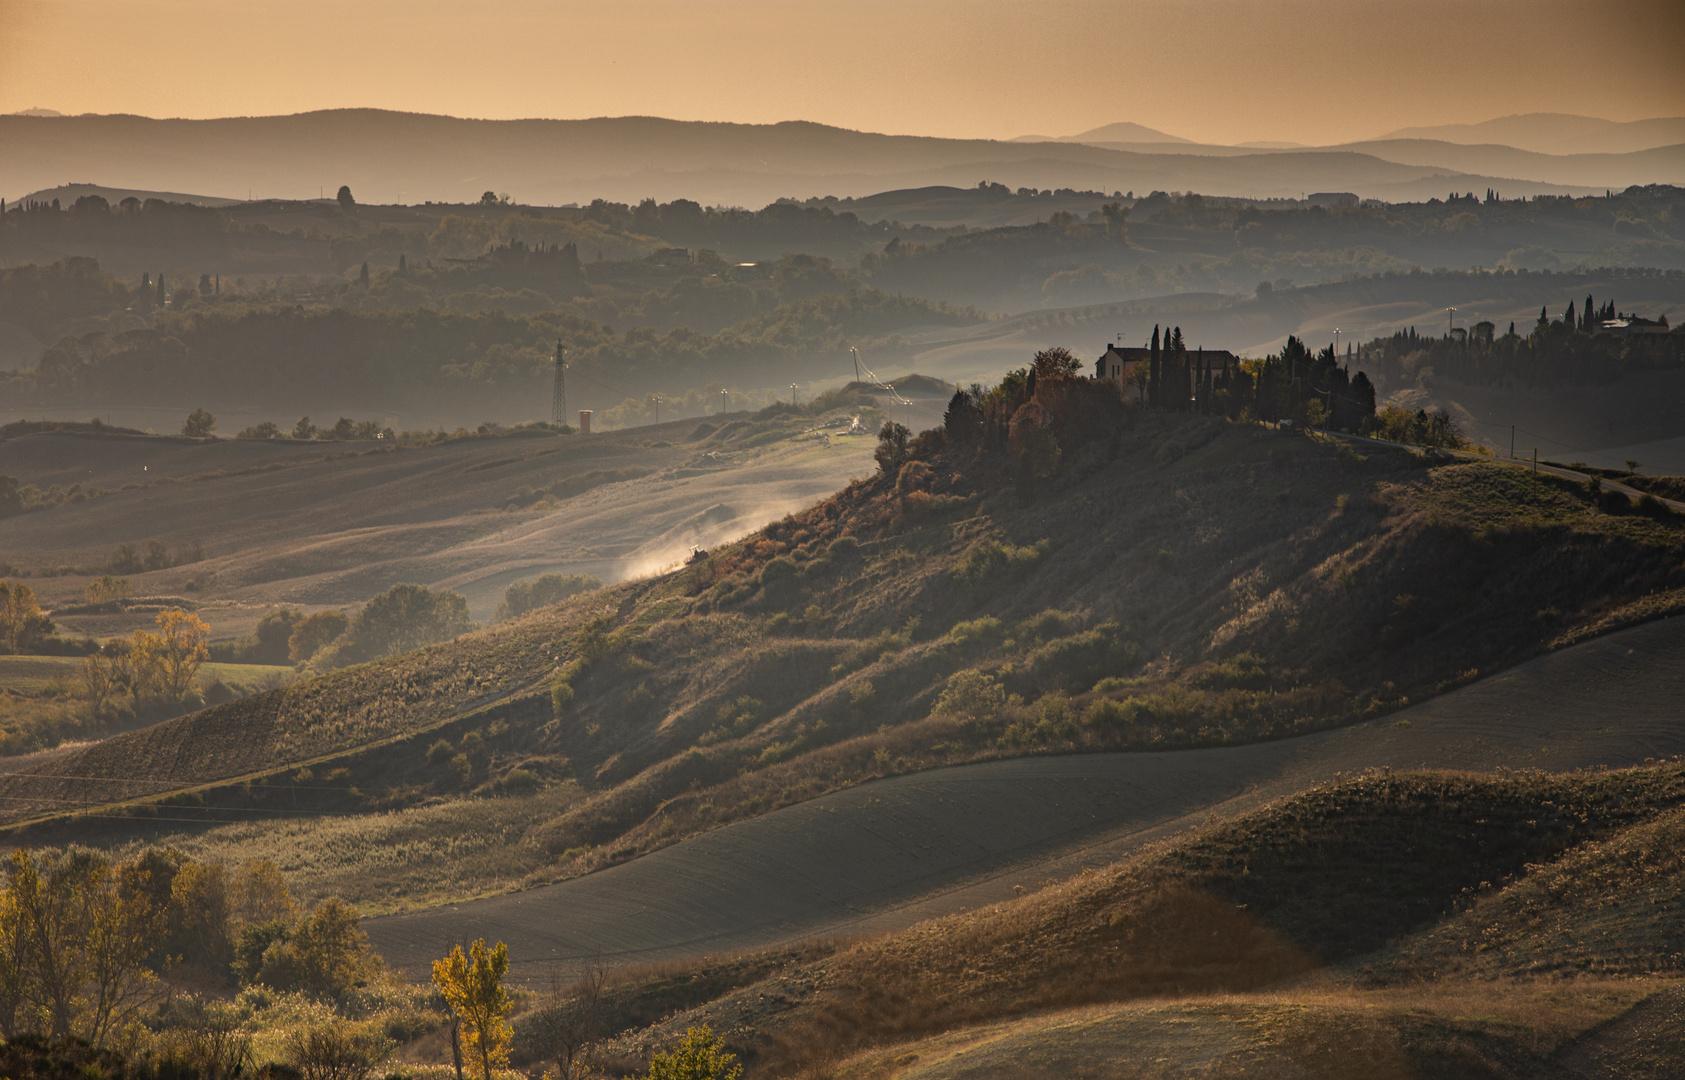 Herbst in der Toscana #3